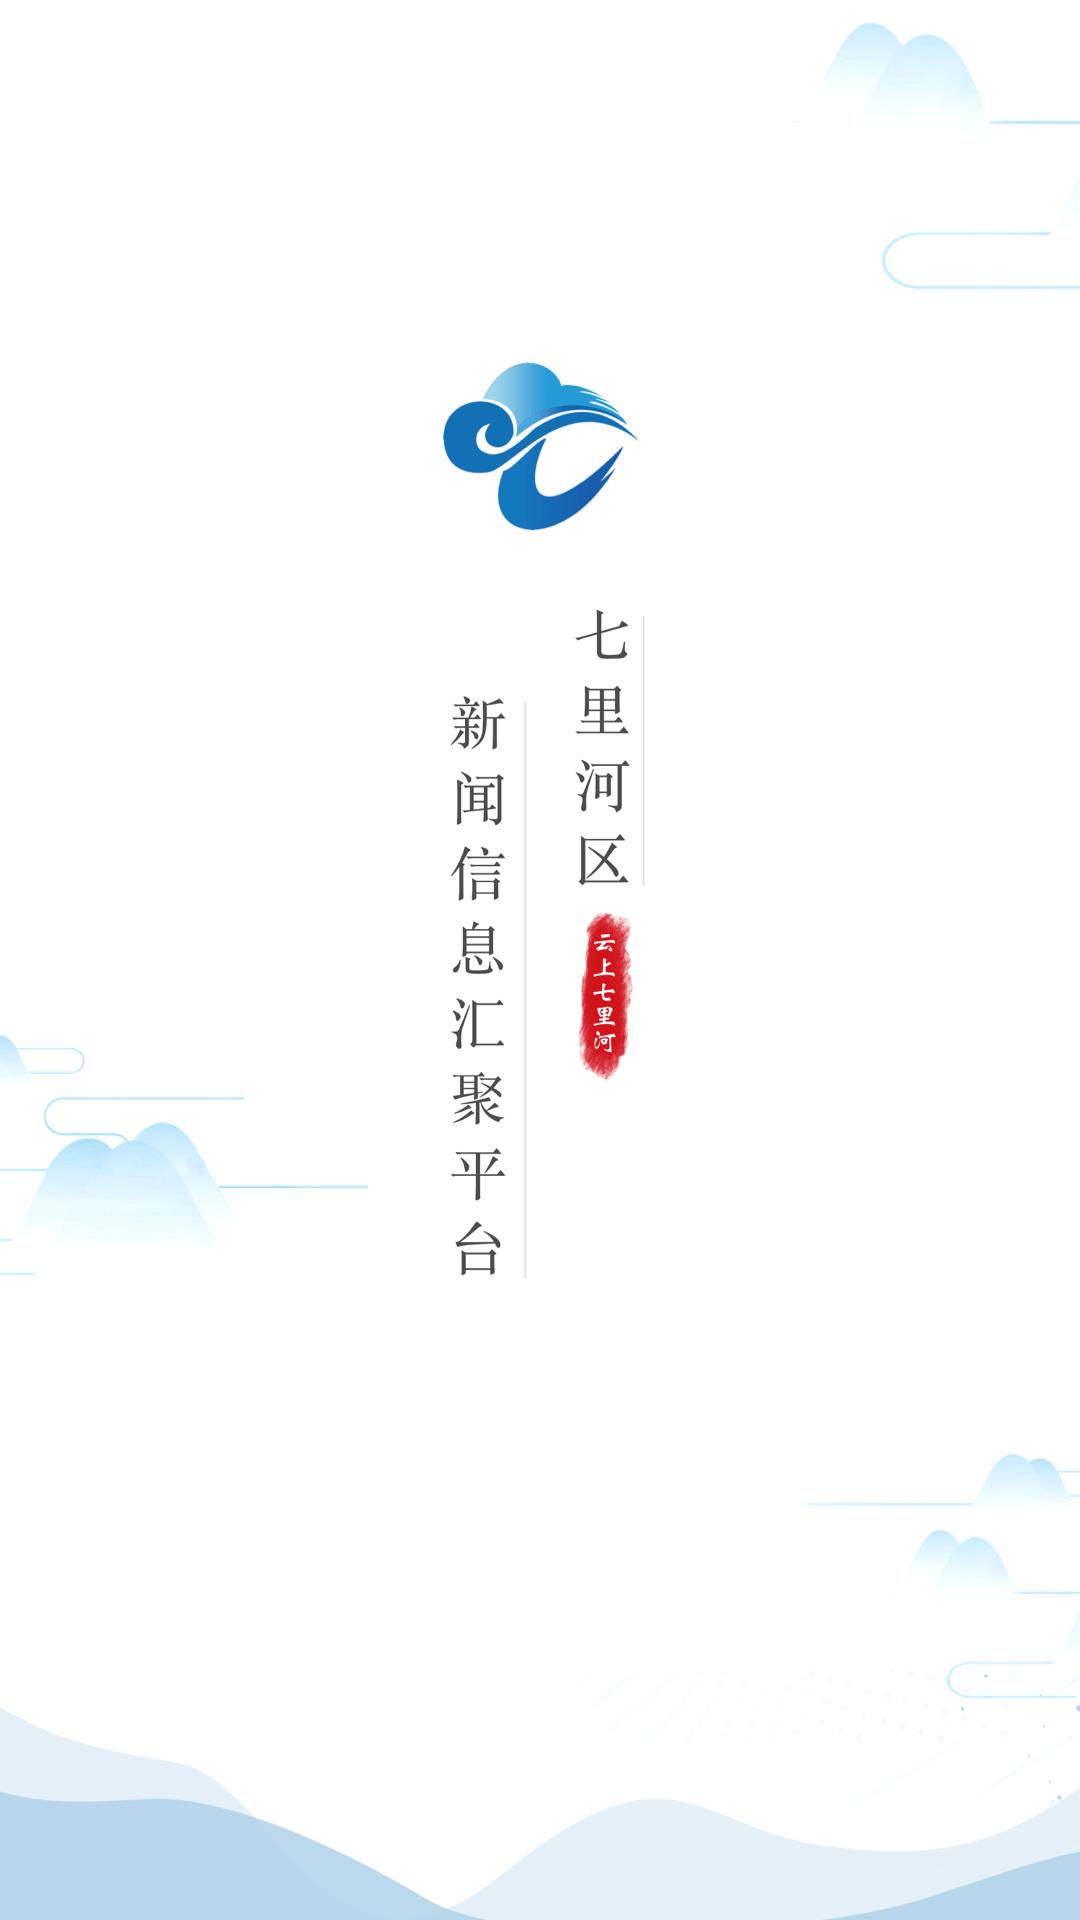 云上七里河app文明实践1.0.1安卓版截图3